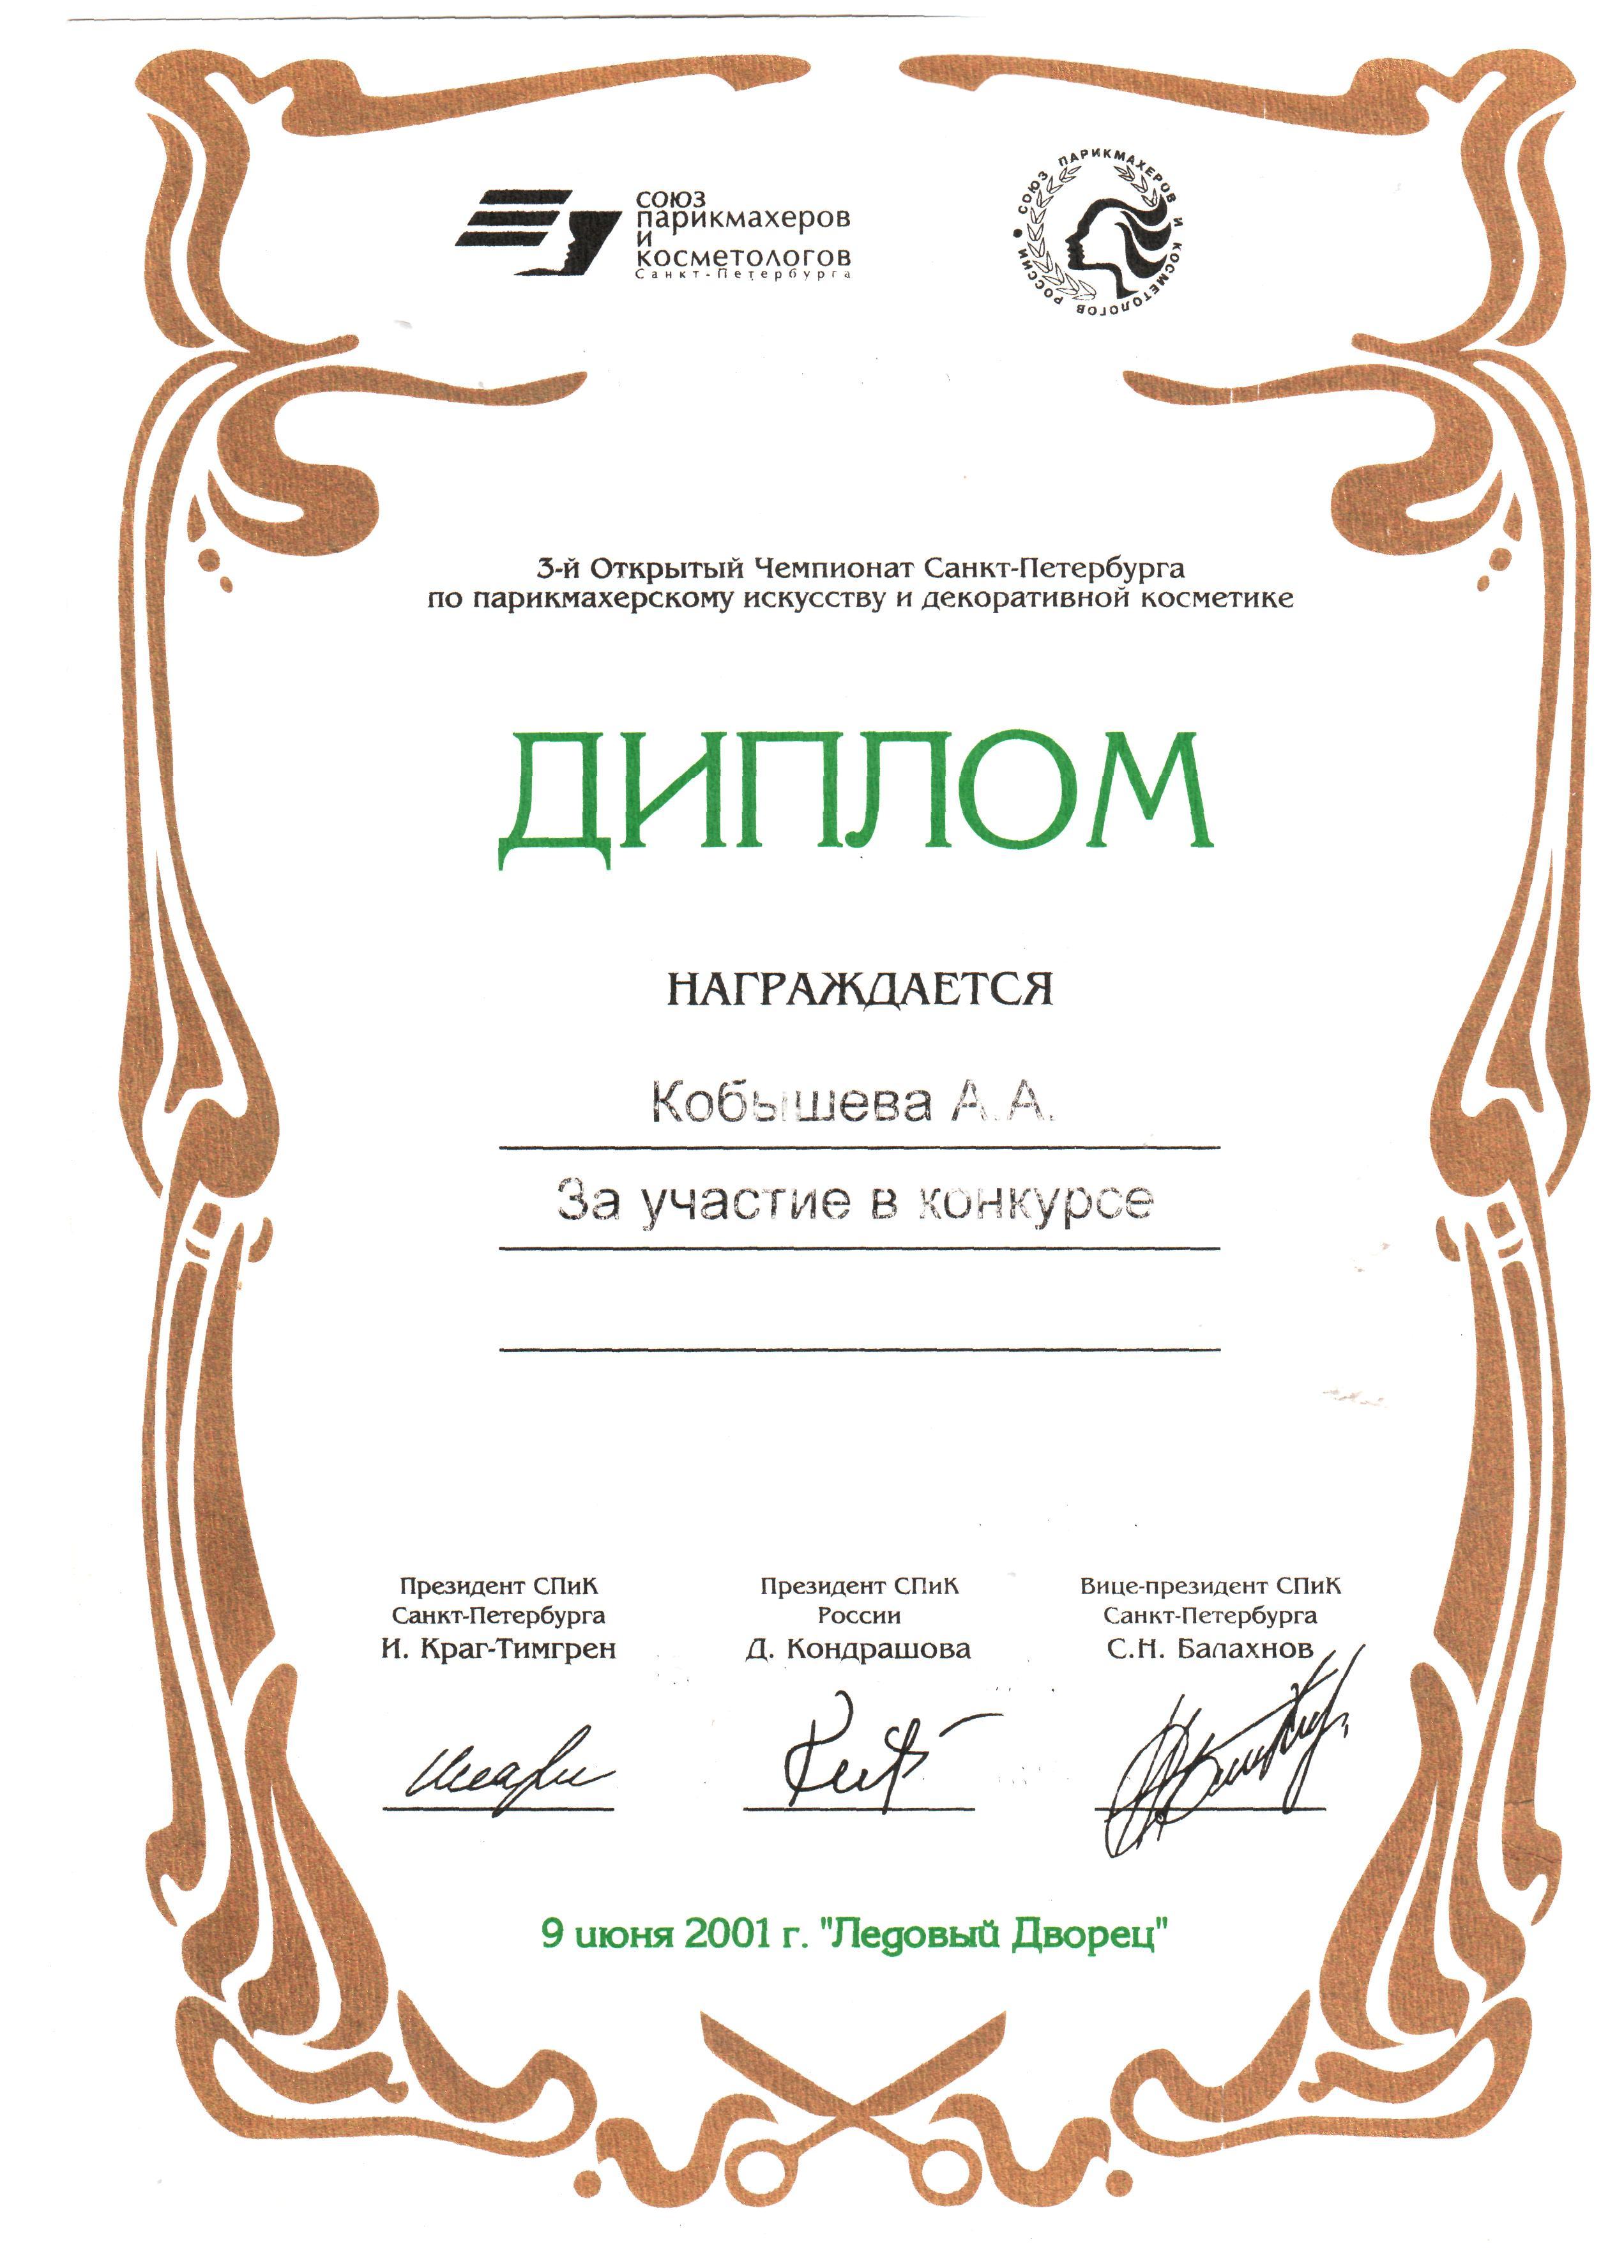 2001 участие в конкурсе